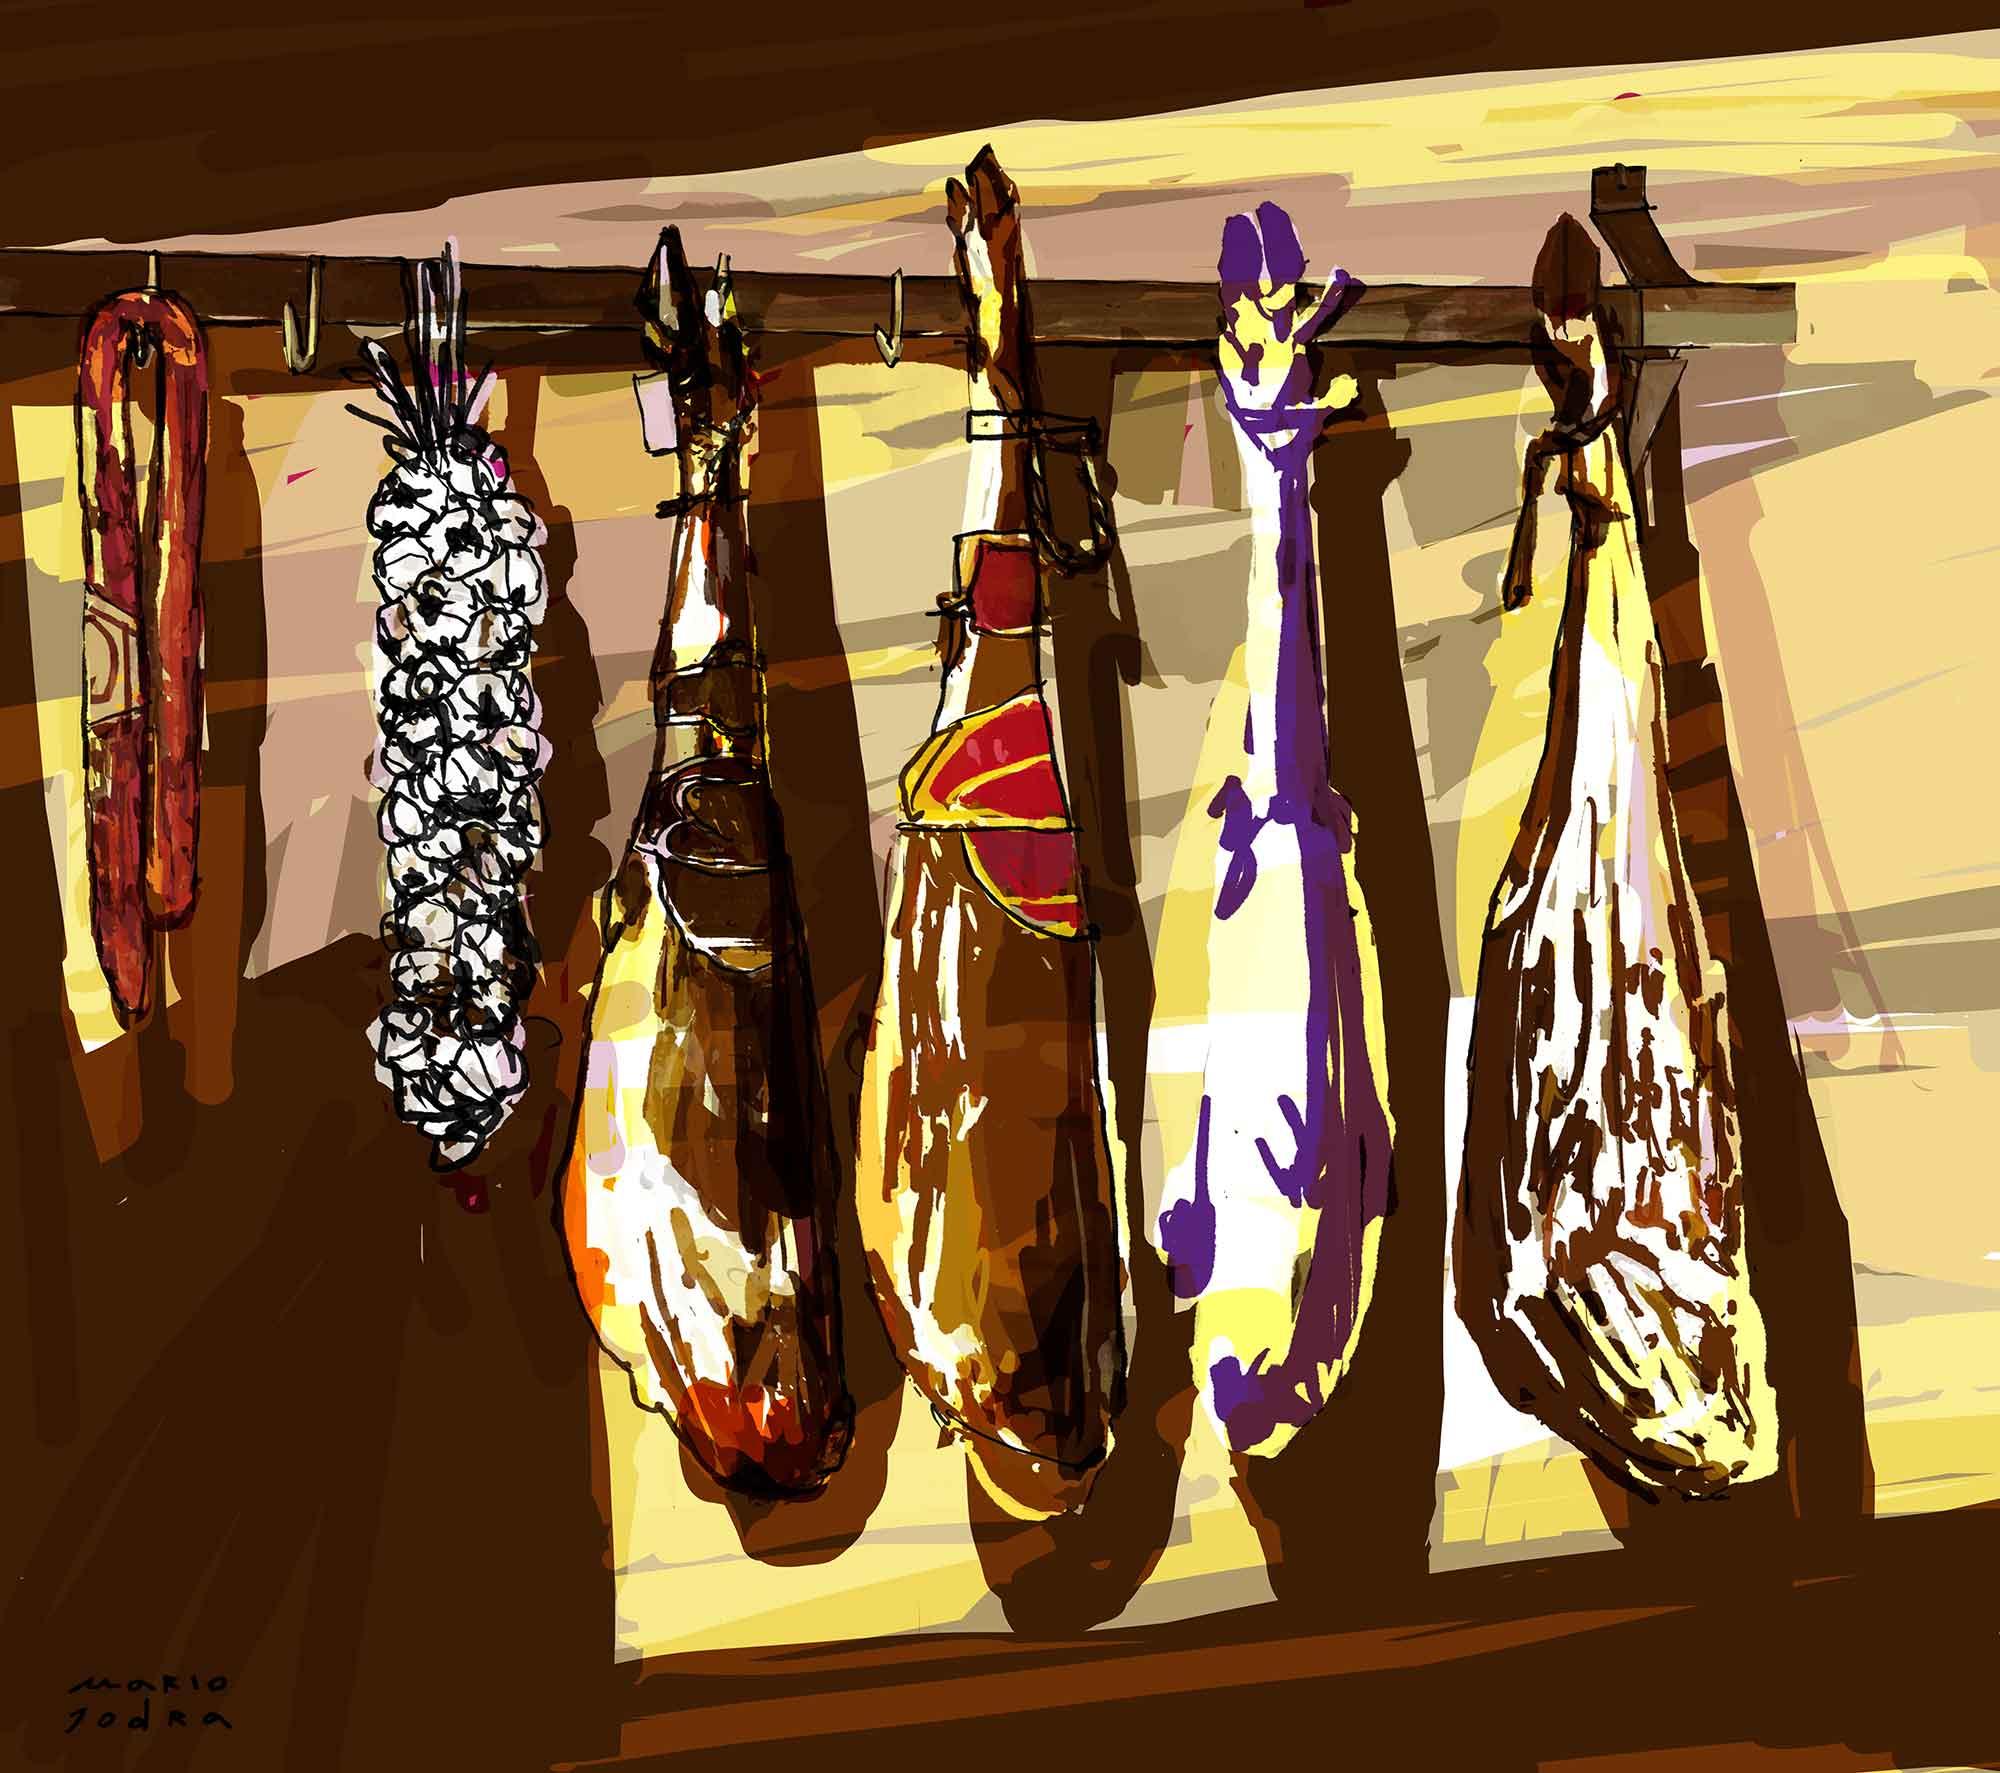 Hanging ham - Jamones colgados - Mario Jodra illustration ilustración